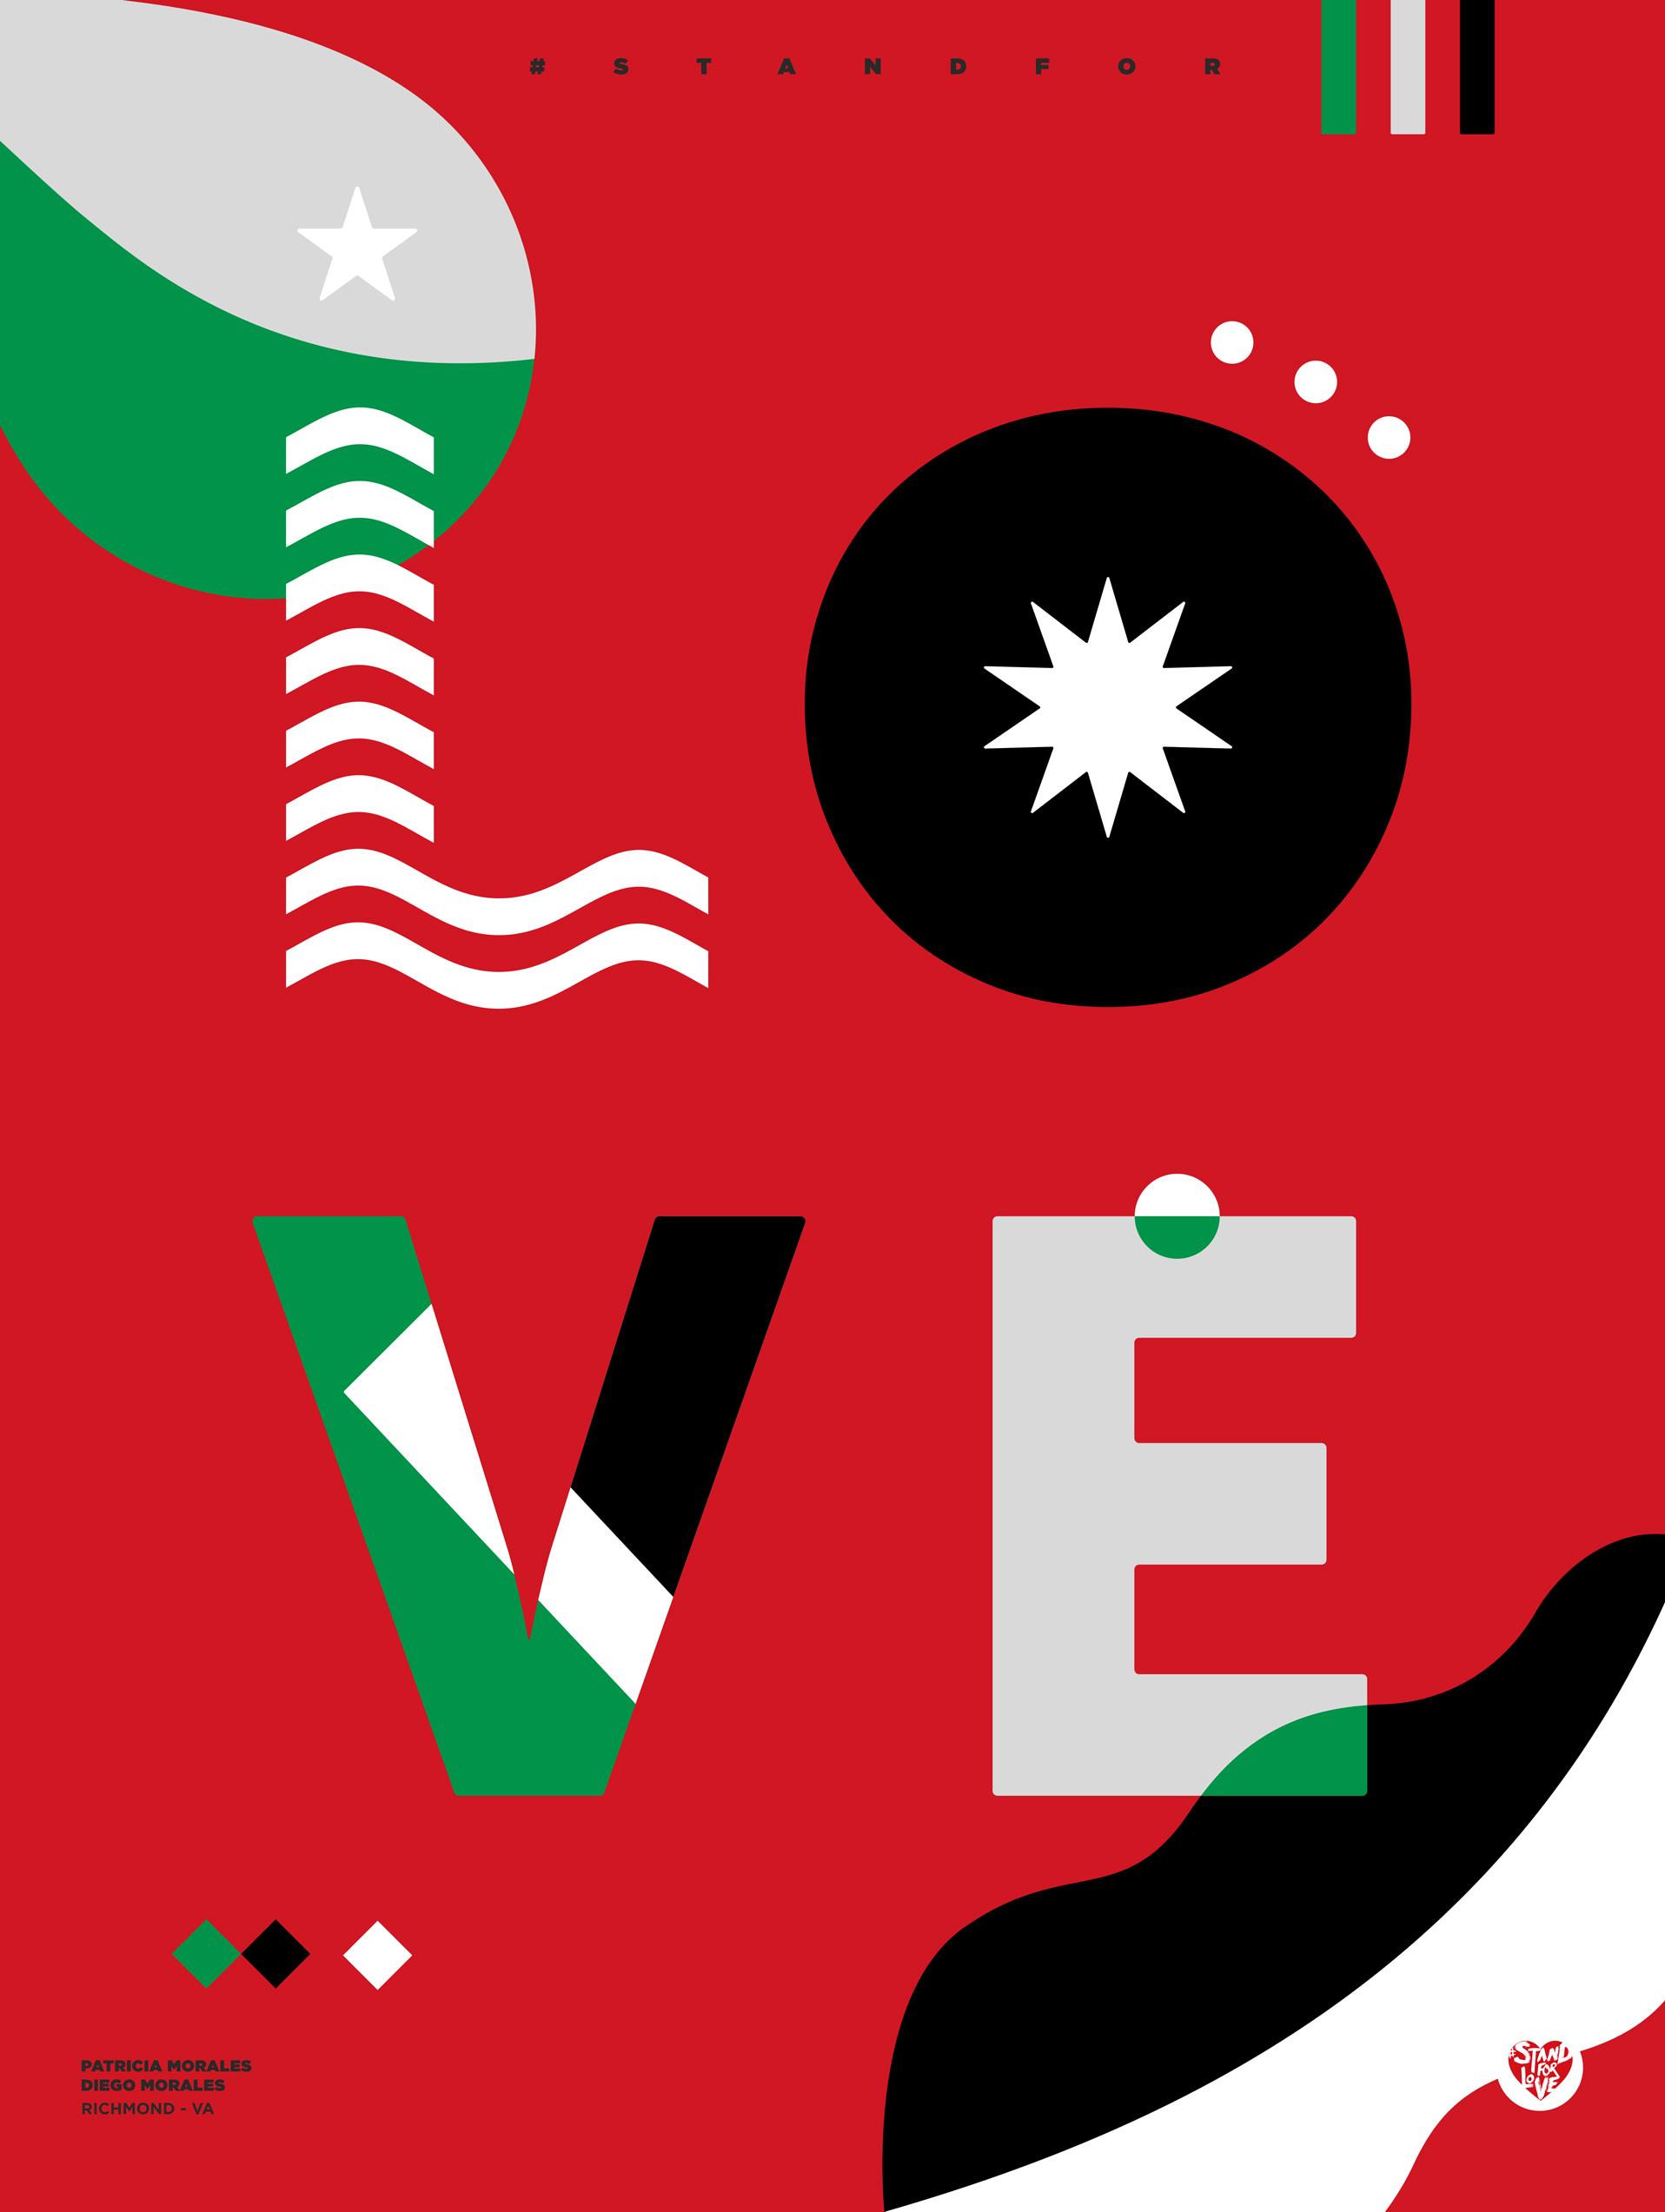 Love_Poster_02.jpg